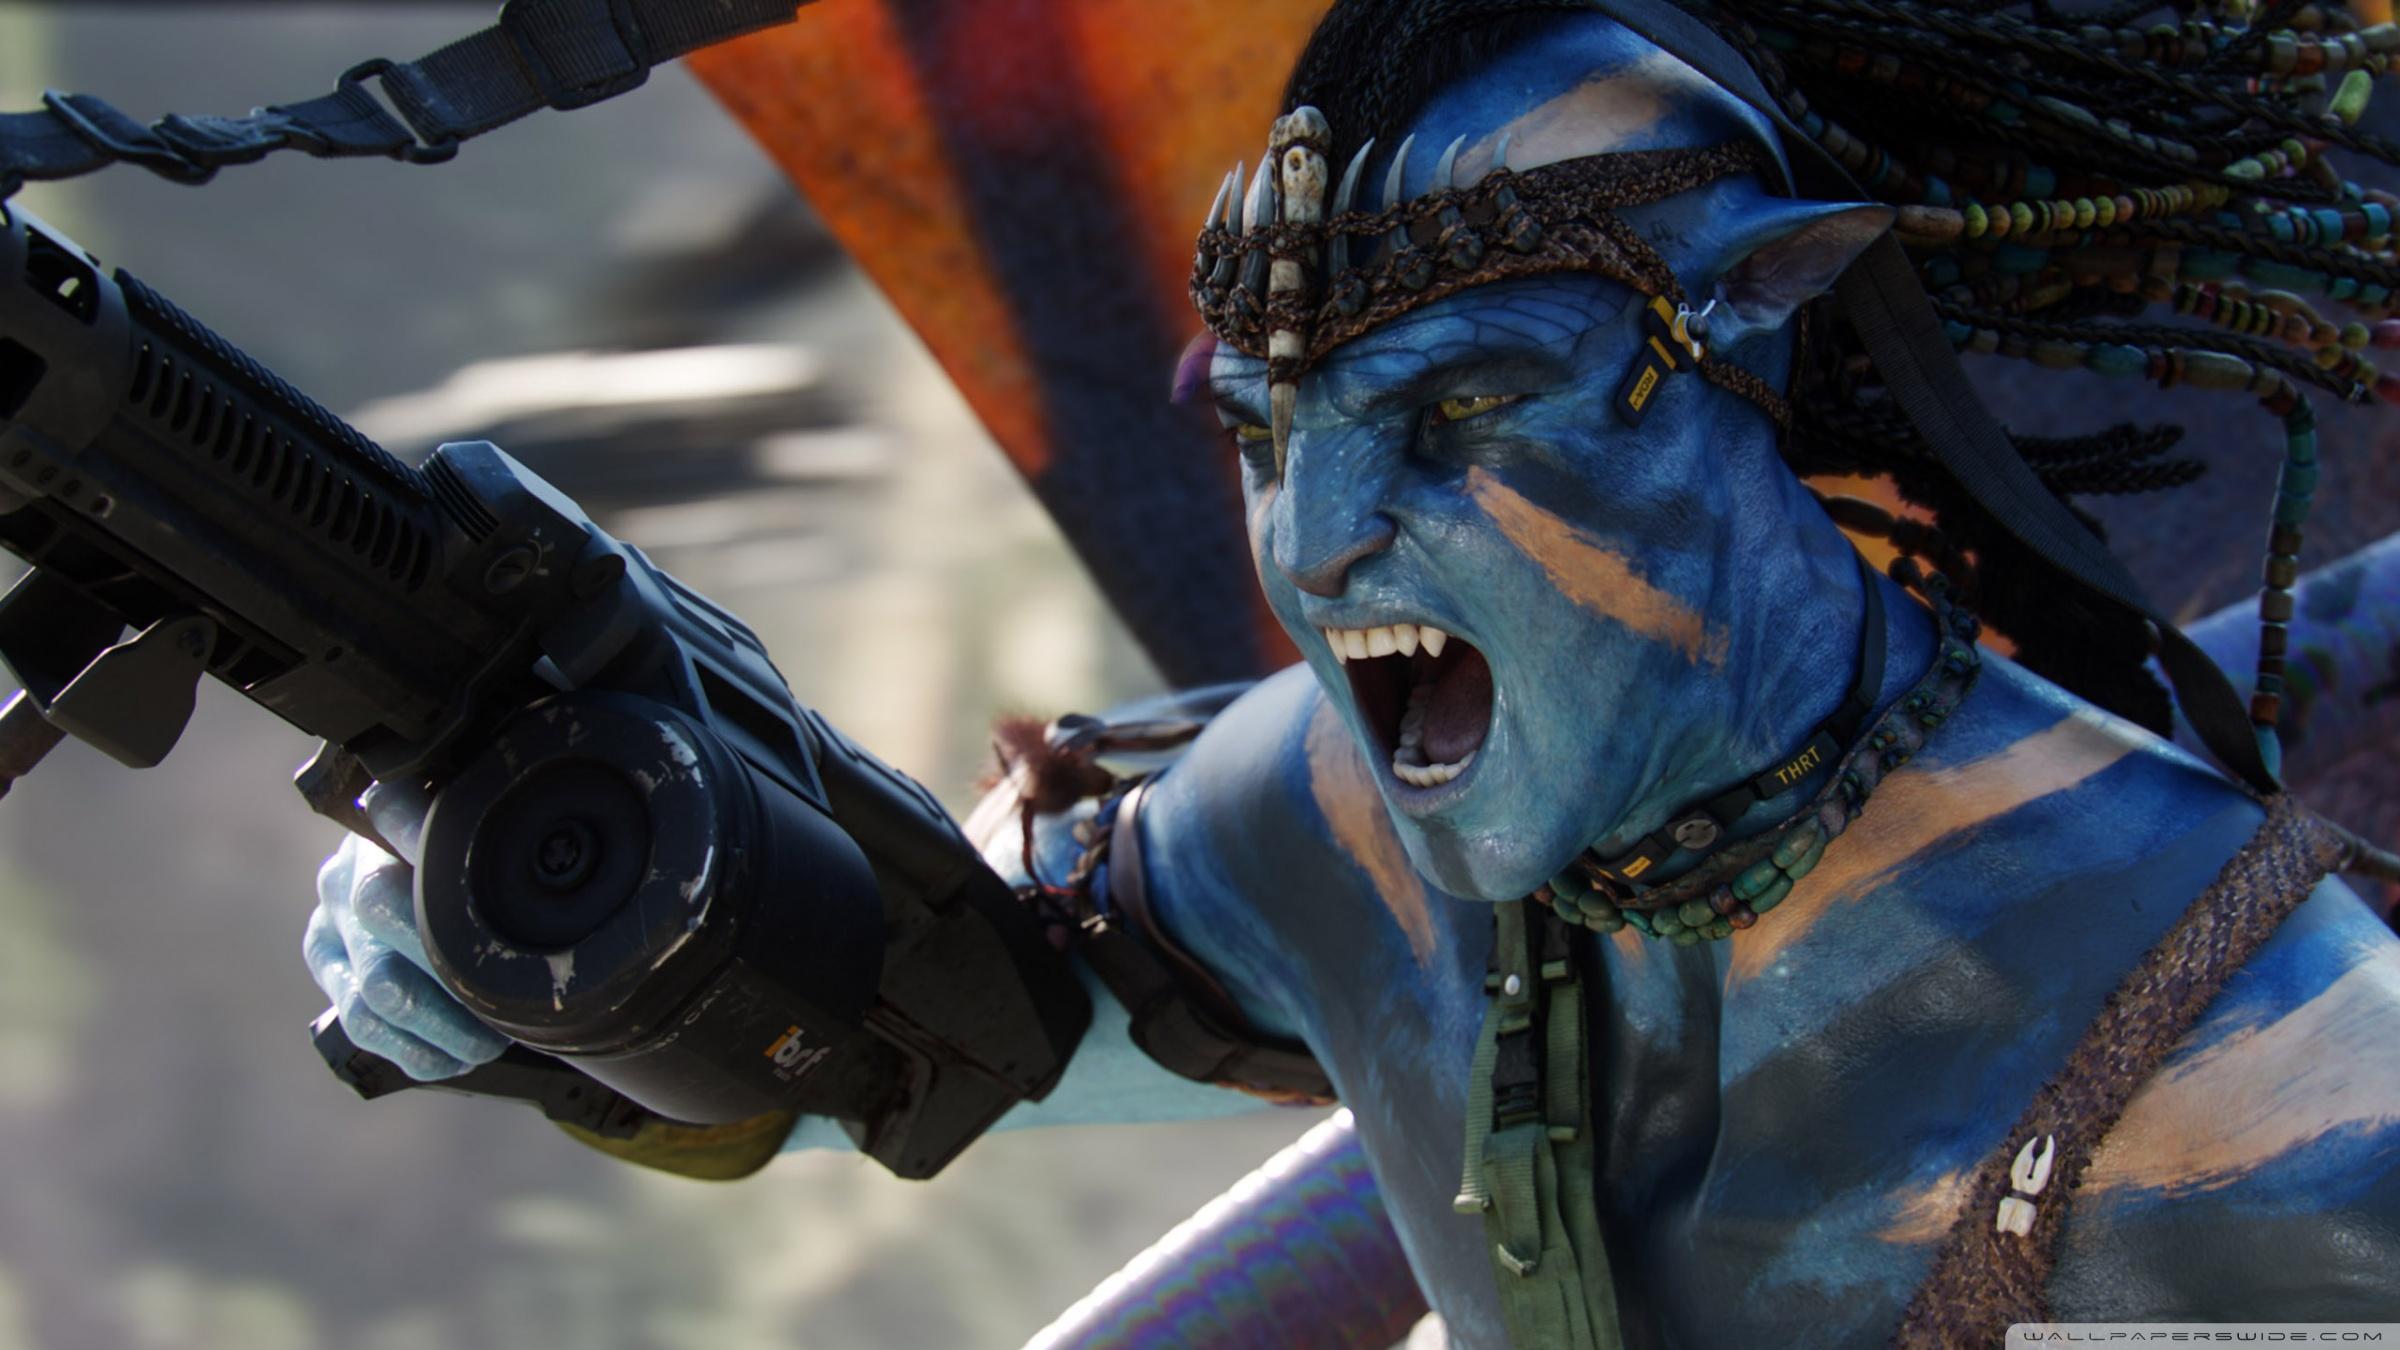 Avatar 3D 2009 Movie Screenshot Ultra HD Desktop Background Wallpaper for 4K UHD TV : Widescreen & UltraWide Desktop & Laptop : Tablet : Smartphone